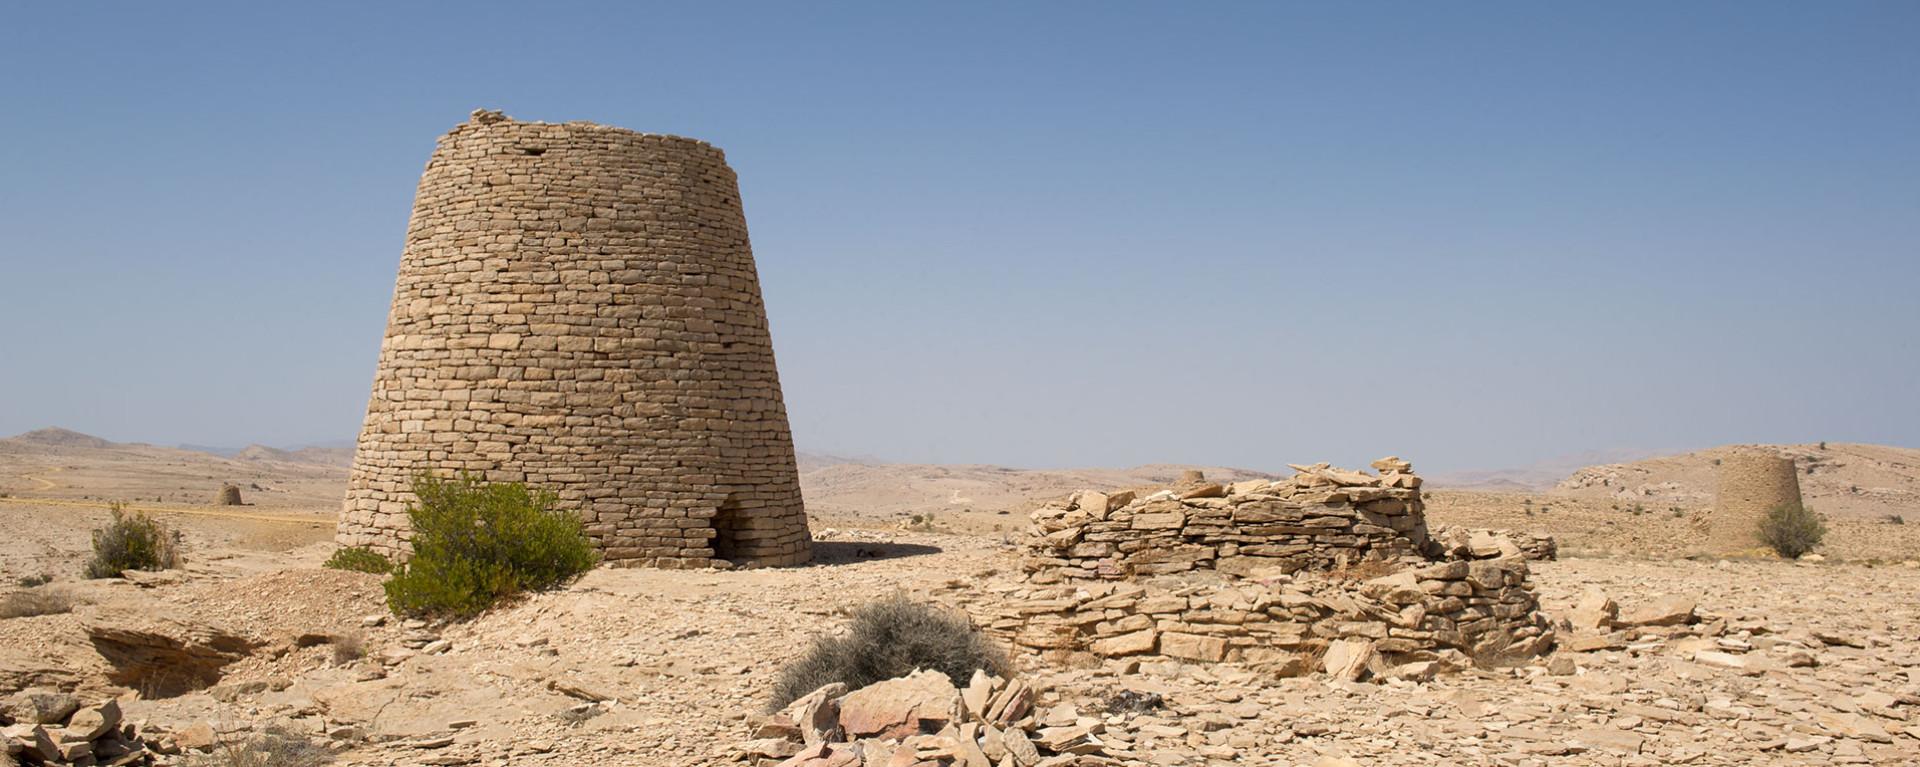 Robida-Oman-Jabal-Jabir-beehive-tombs